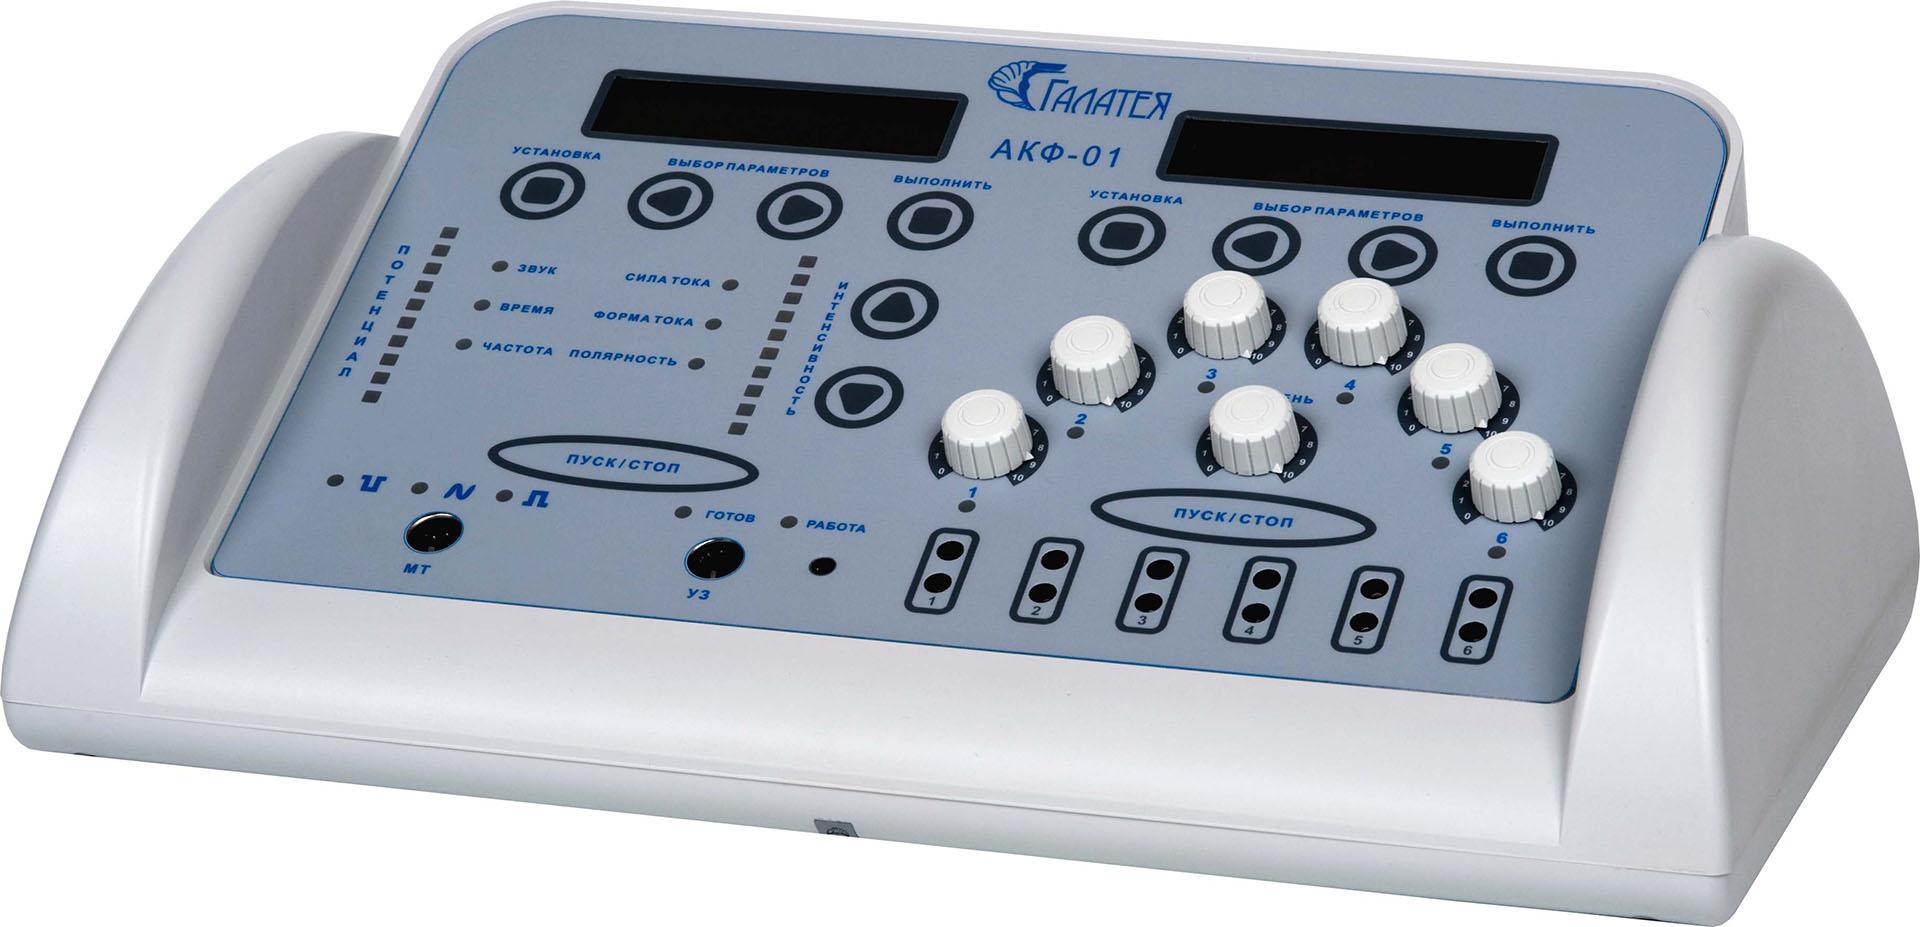 Аппарат ультразвуковой и микротоковой терапии в косметологии и электромионейростимуляционной физиотерапии АКФ-01 «Галатея»